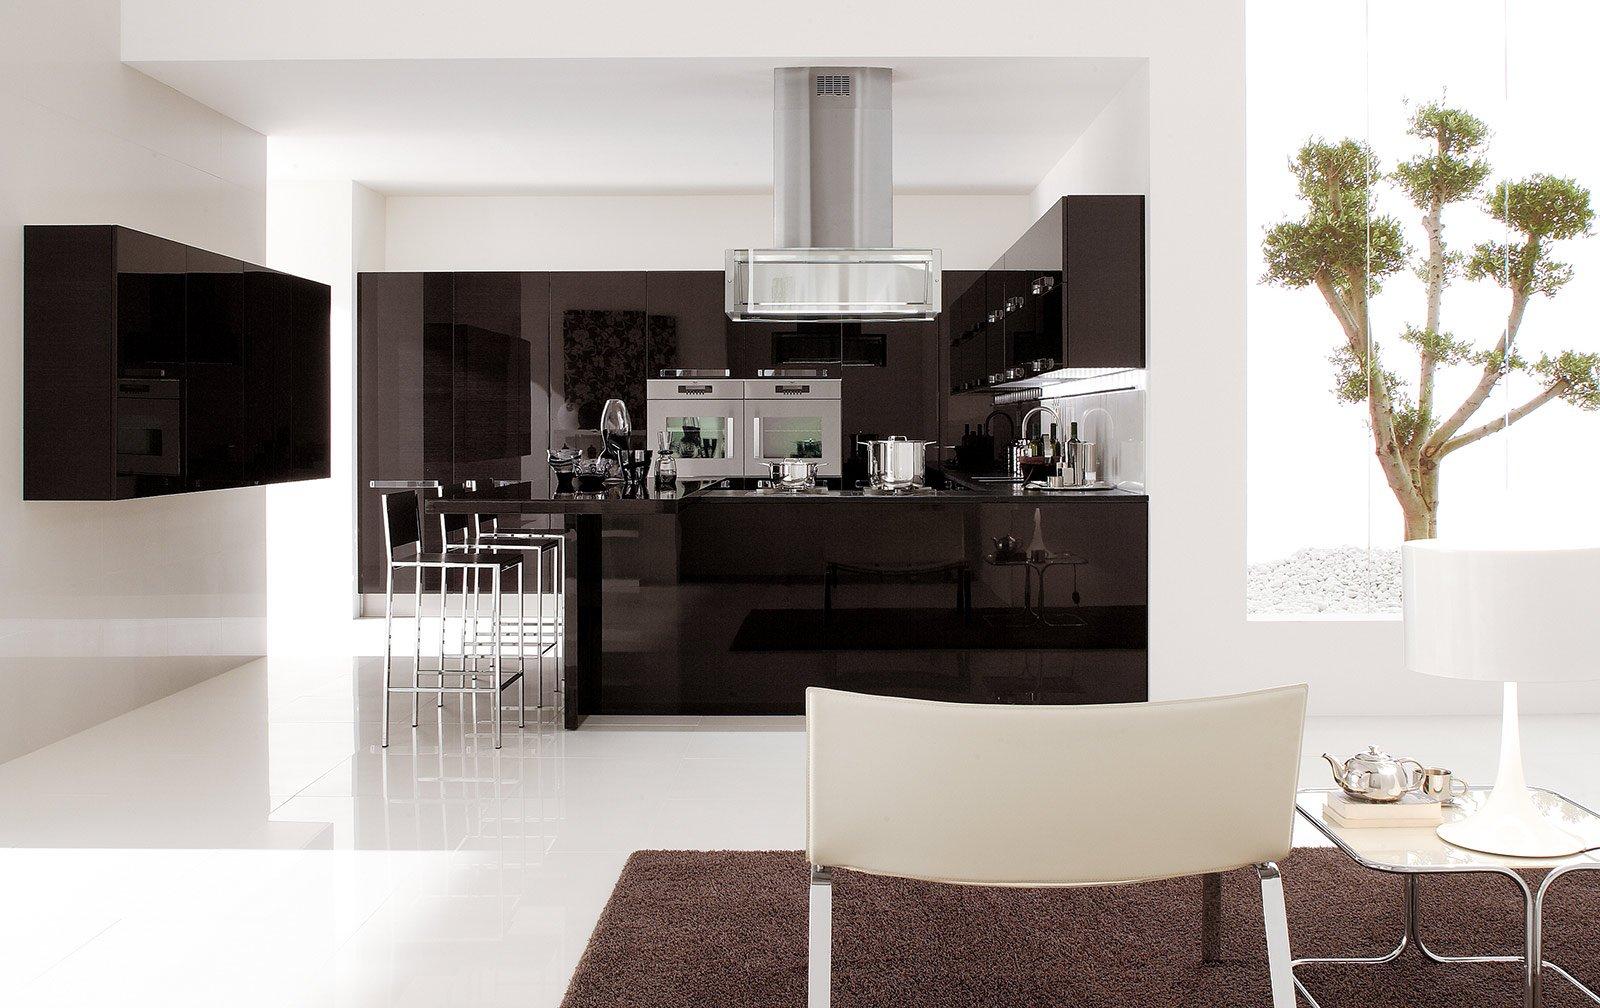 Beautiful Cucine Moderne Veneta Cucine Images Design Ideas 2017